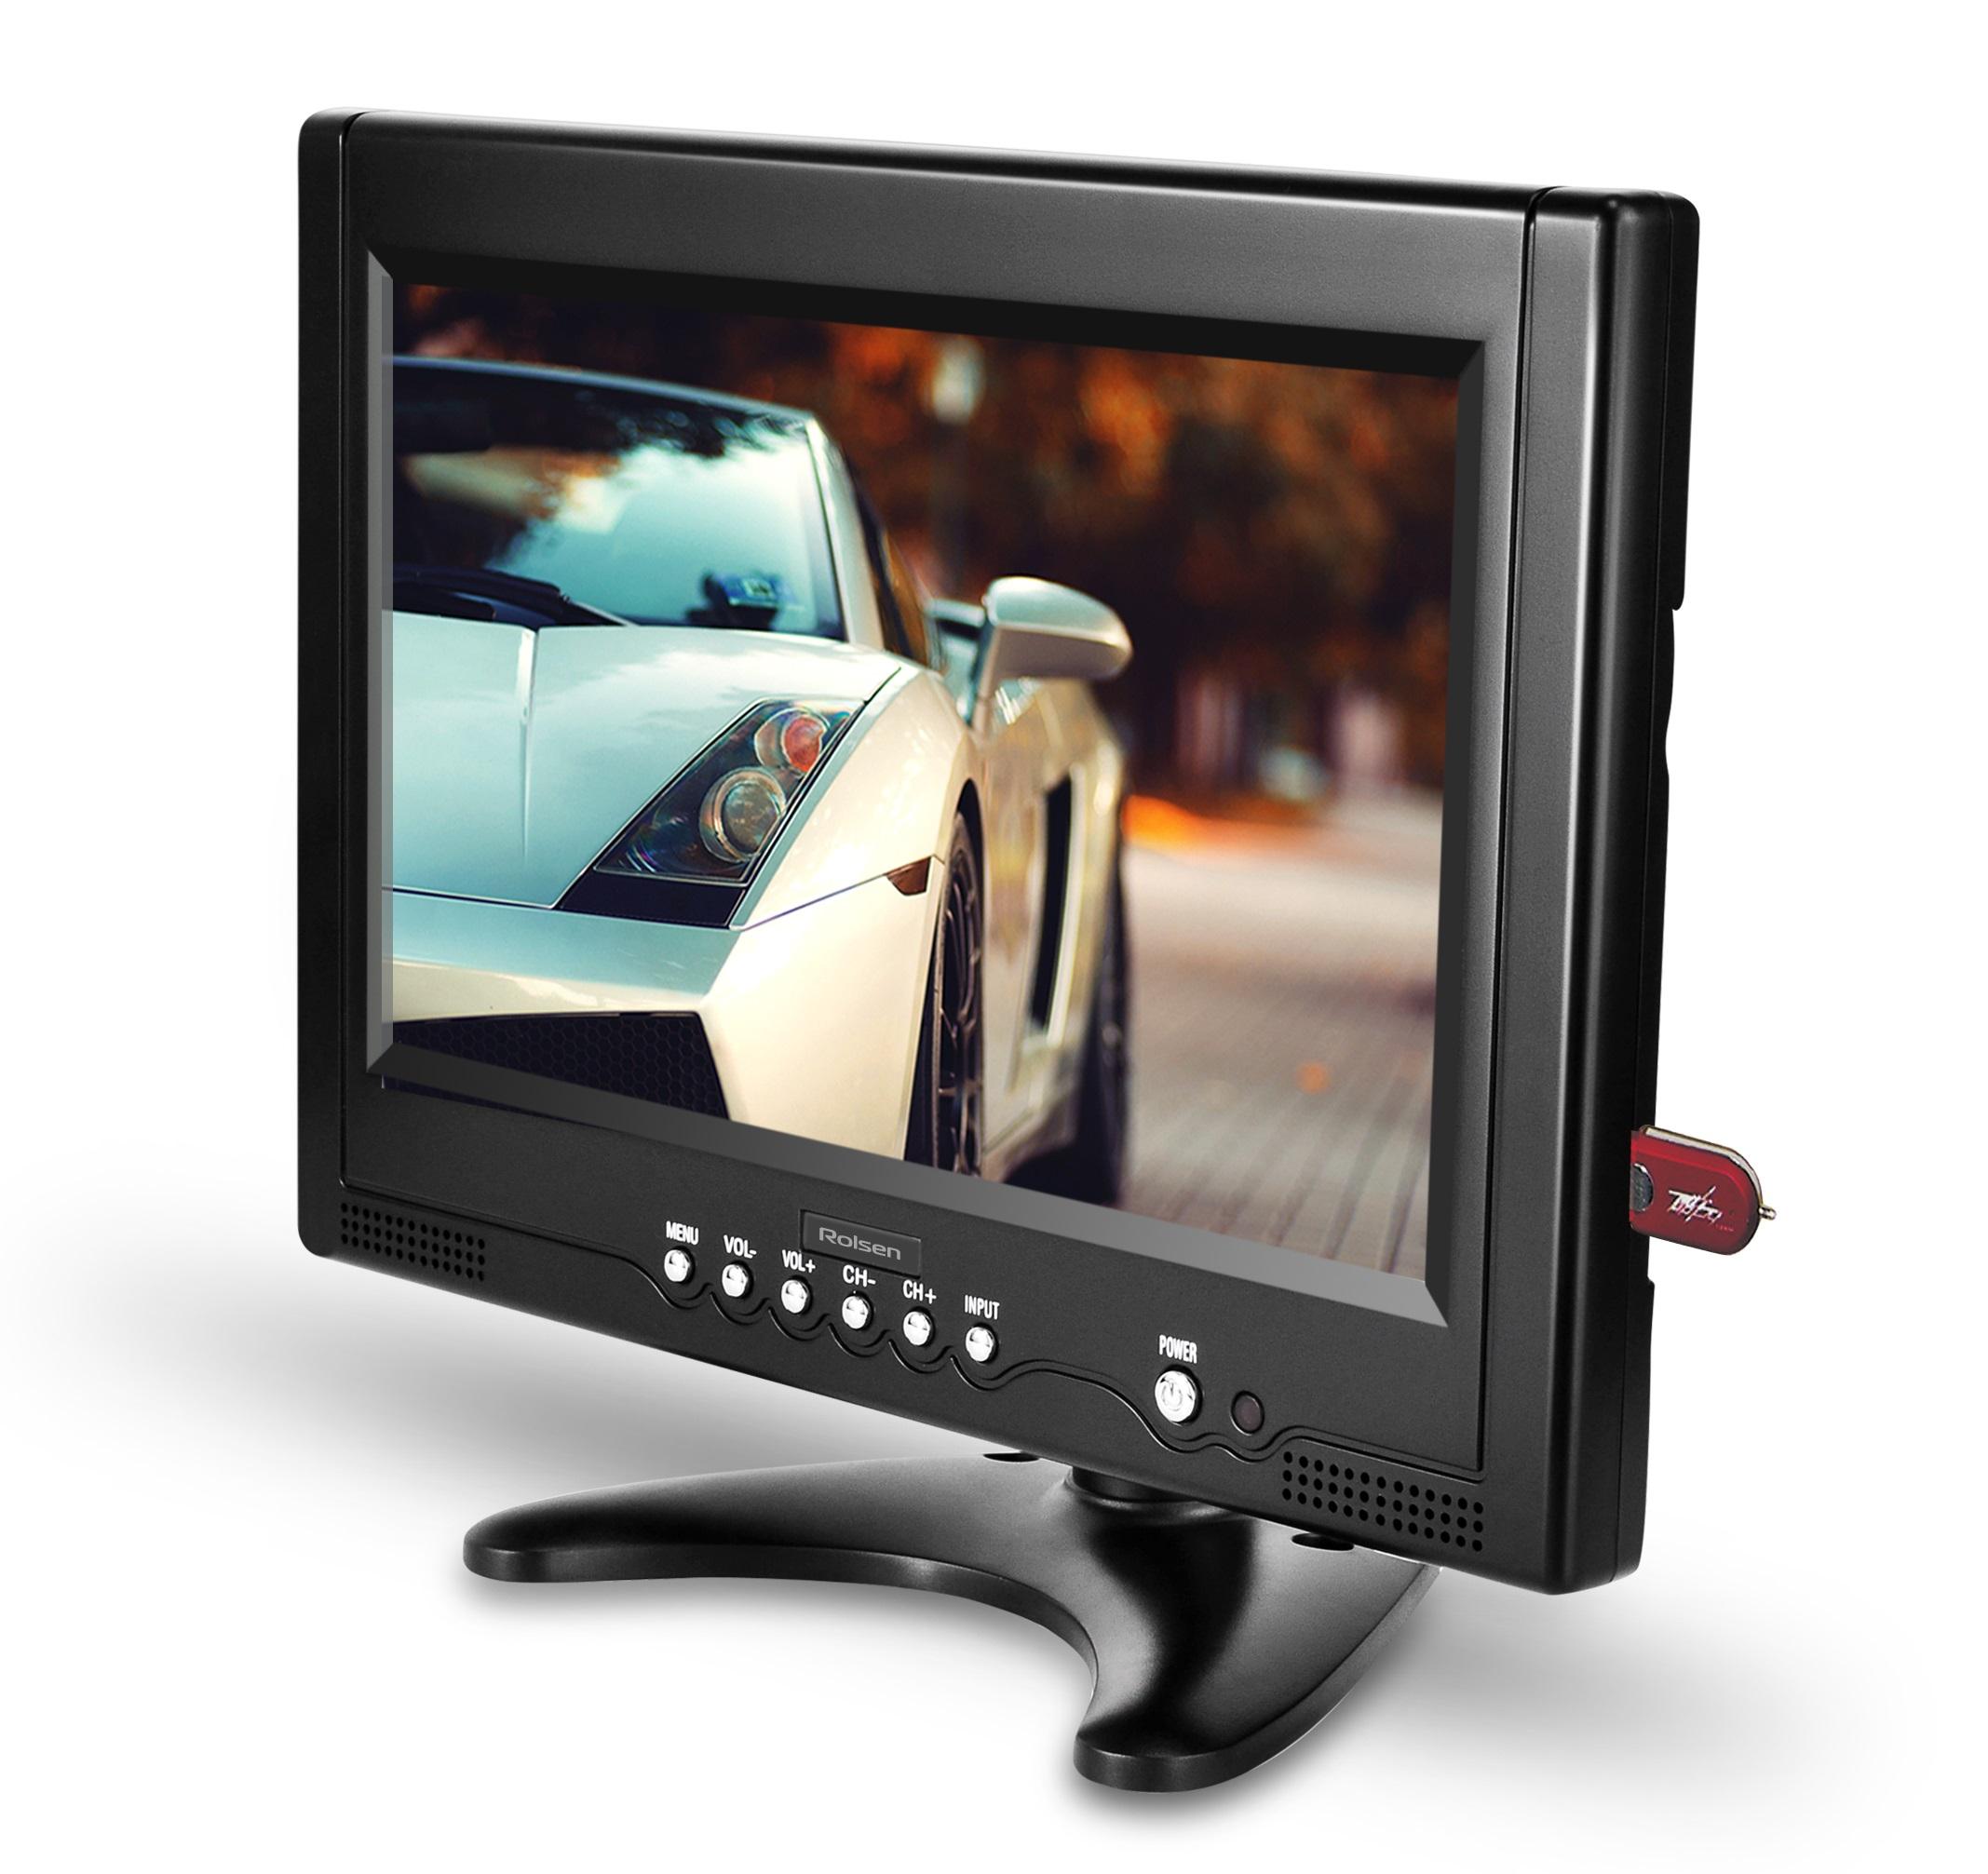 Купить Телевизоры в интернетмагазине МВидео низкие цены